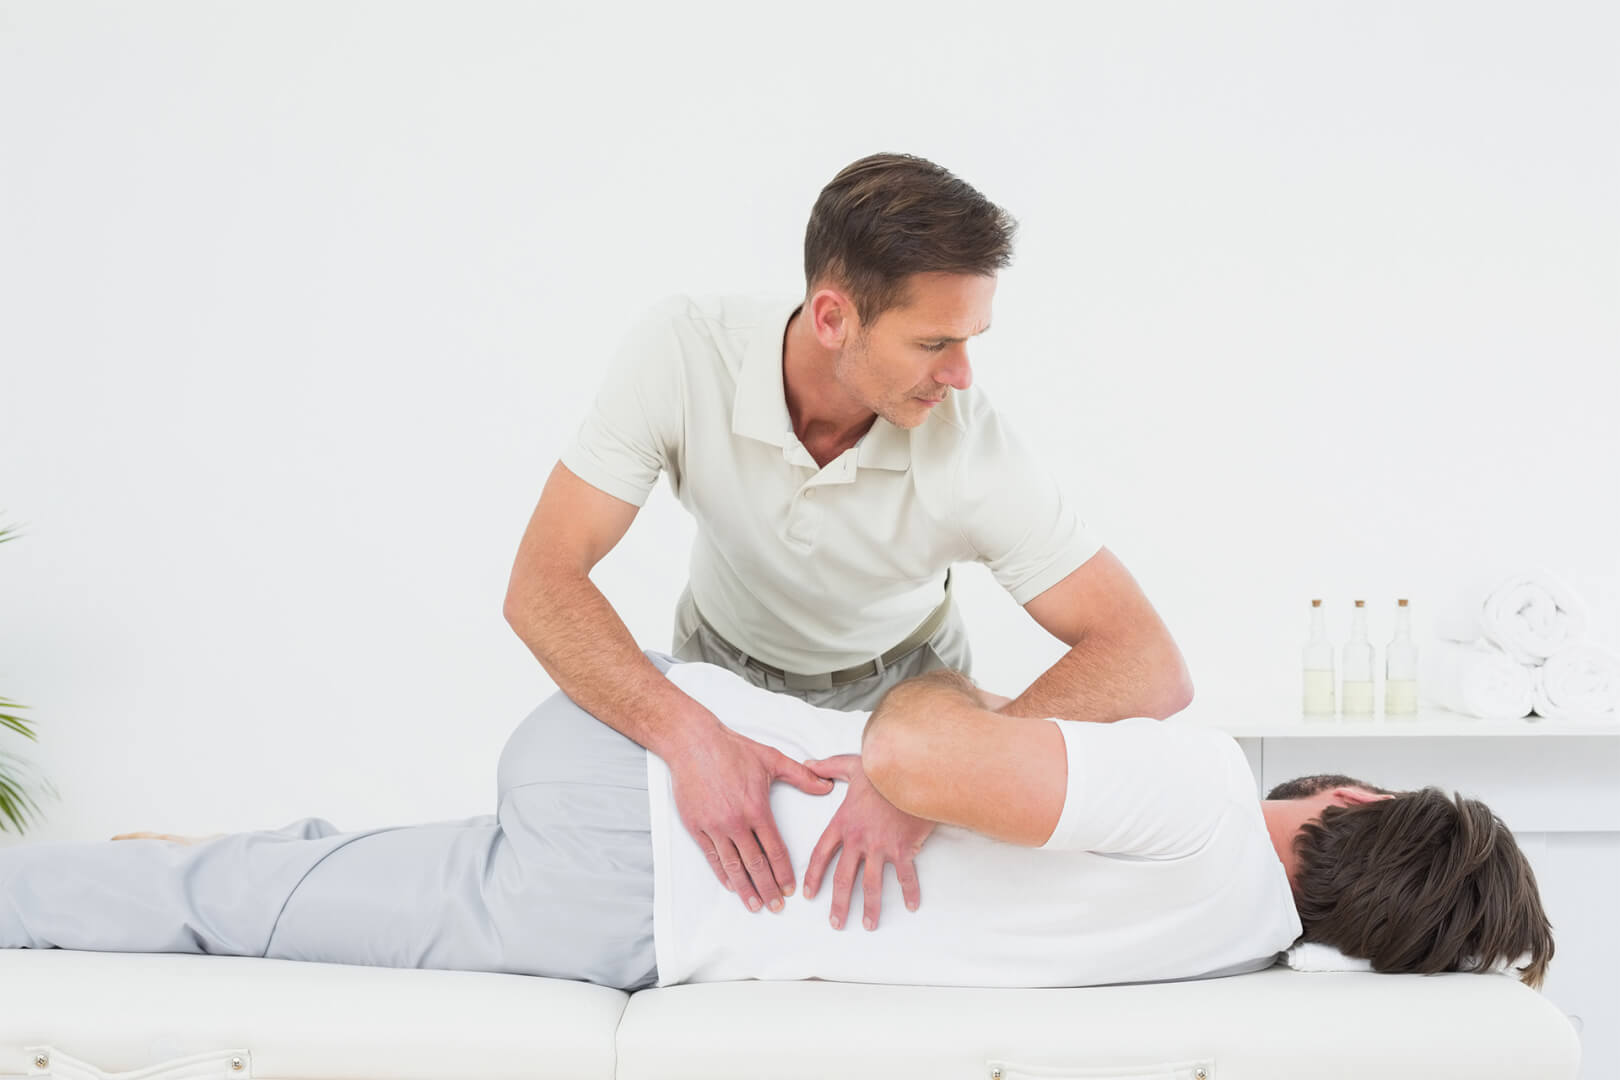 Fizjoterapia i terapia manualna w Poznaniu